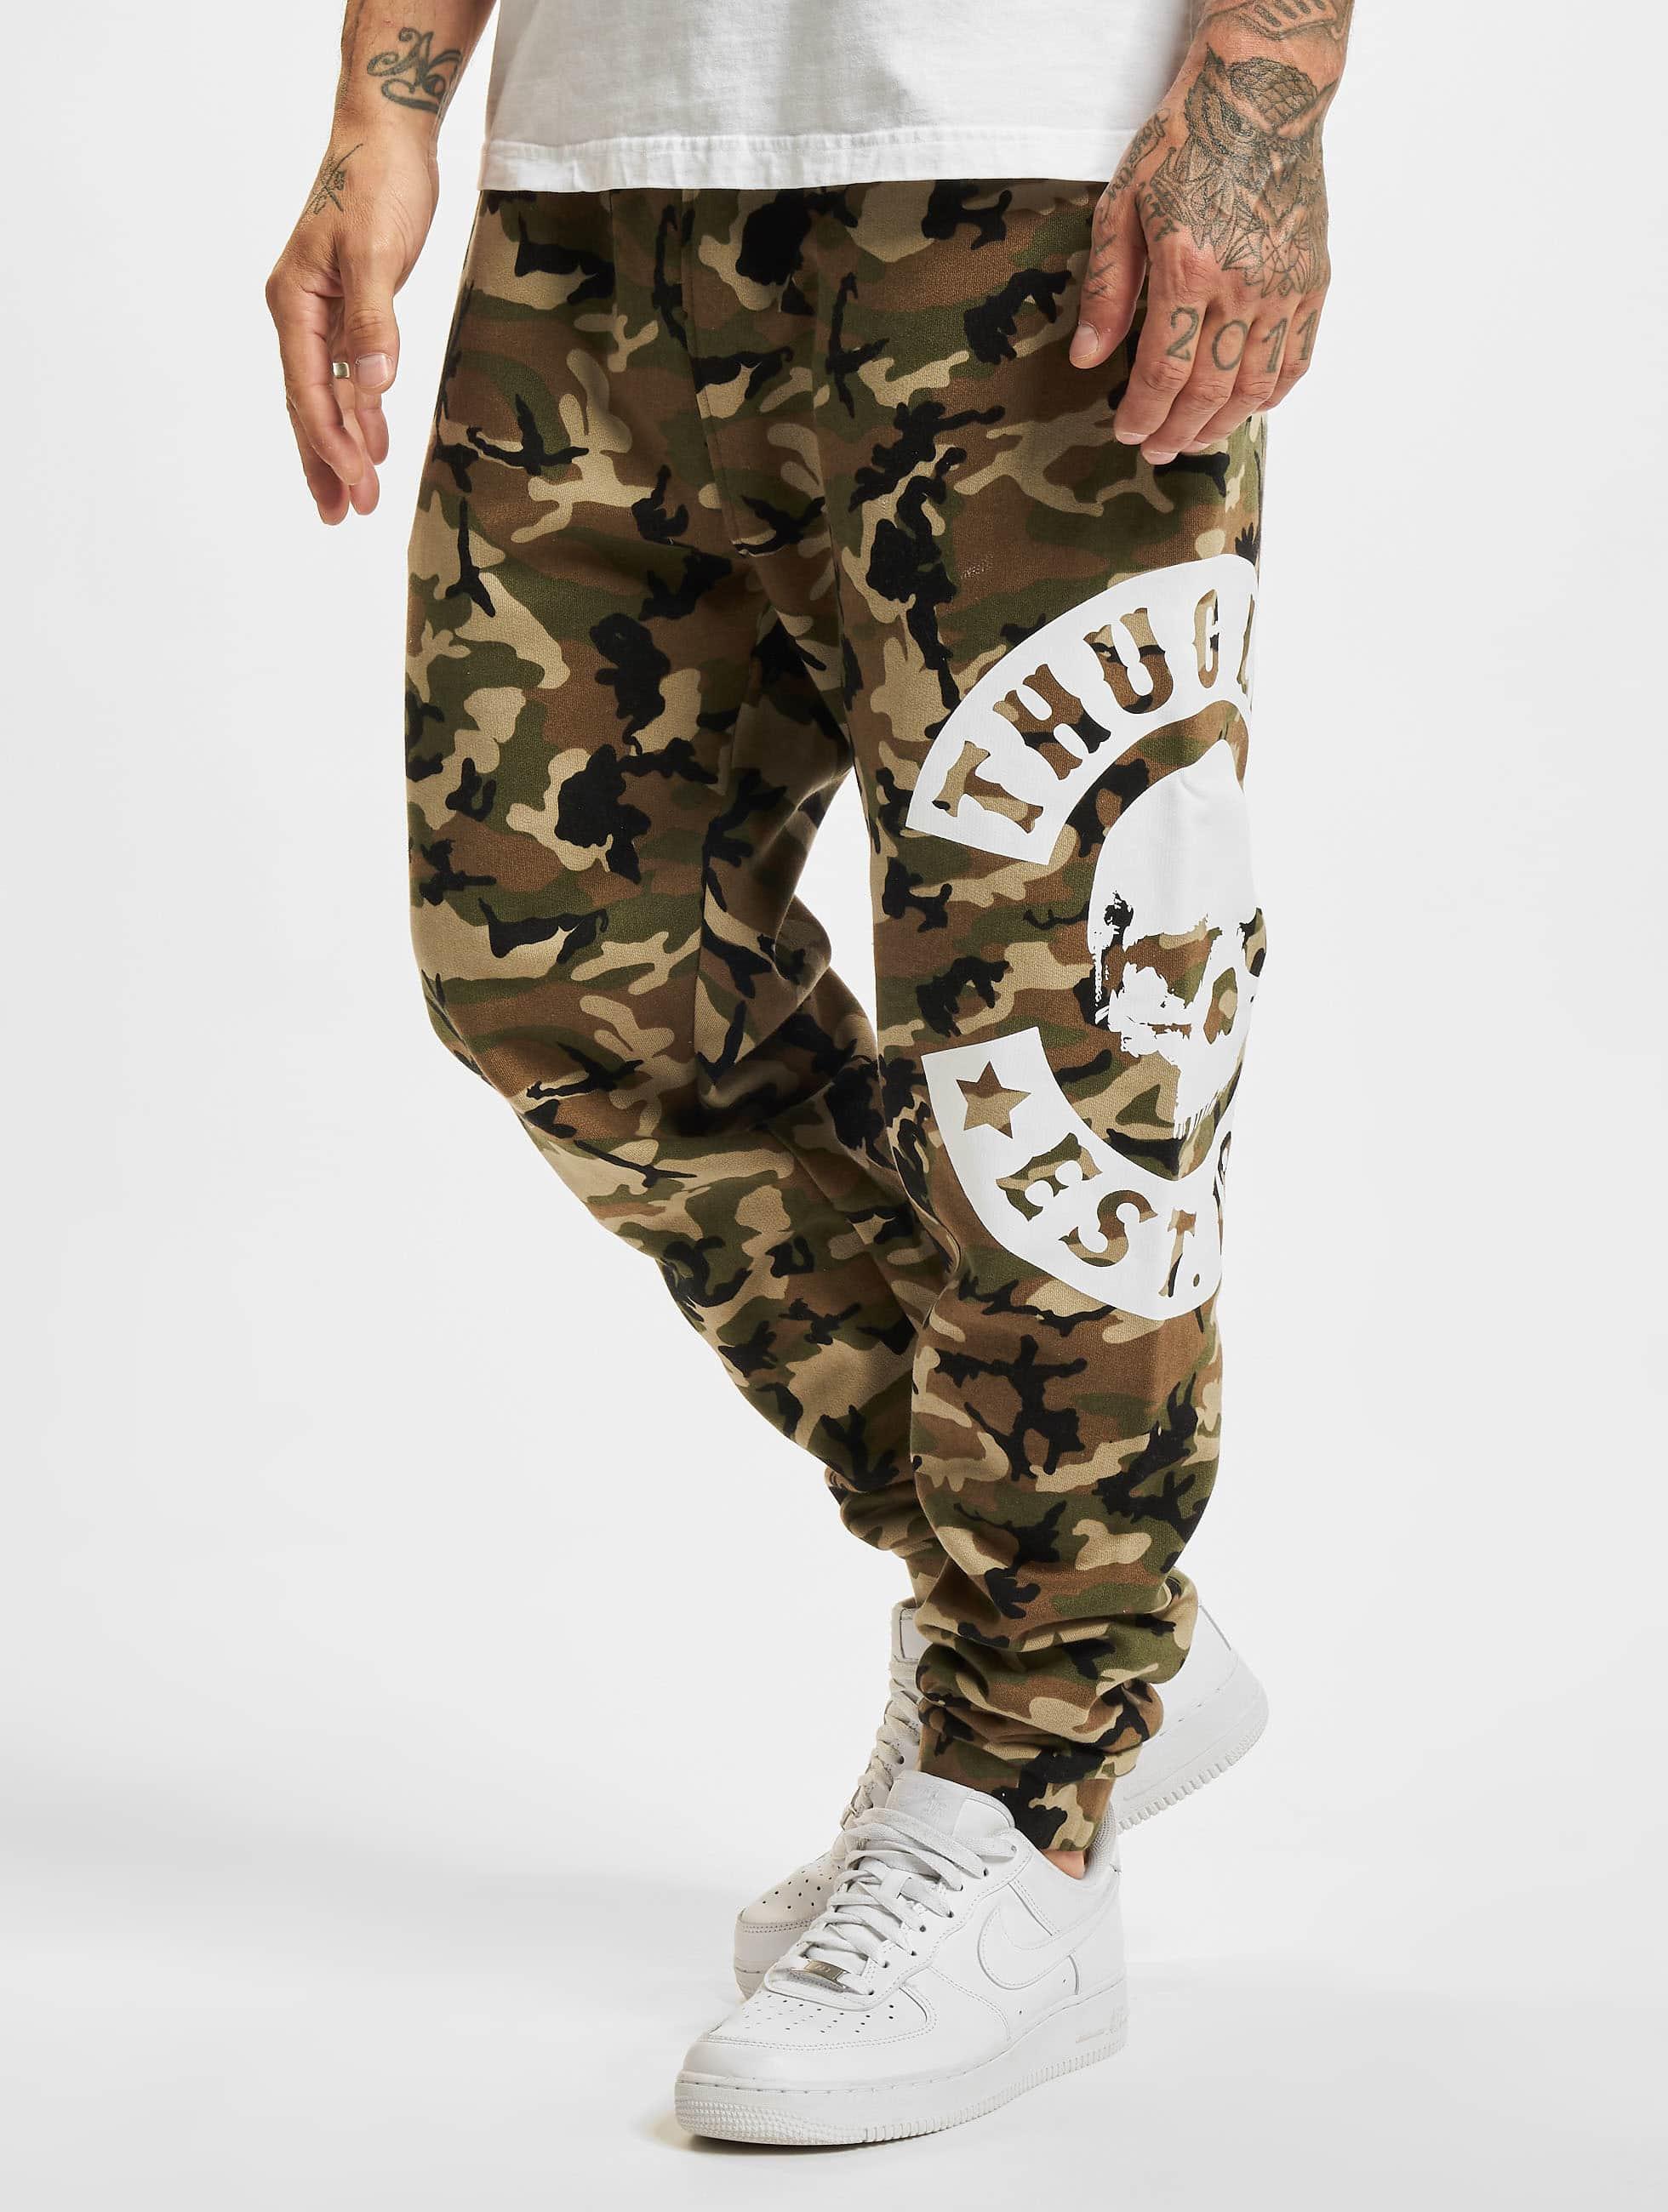 Thug Life / Sweat Pant B.Camo in camouflage 5XL